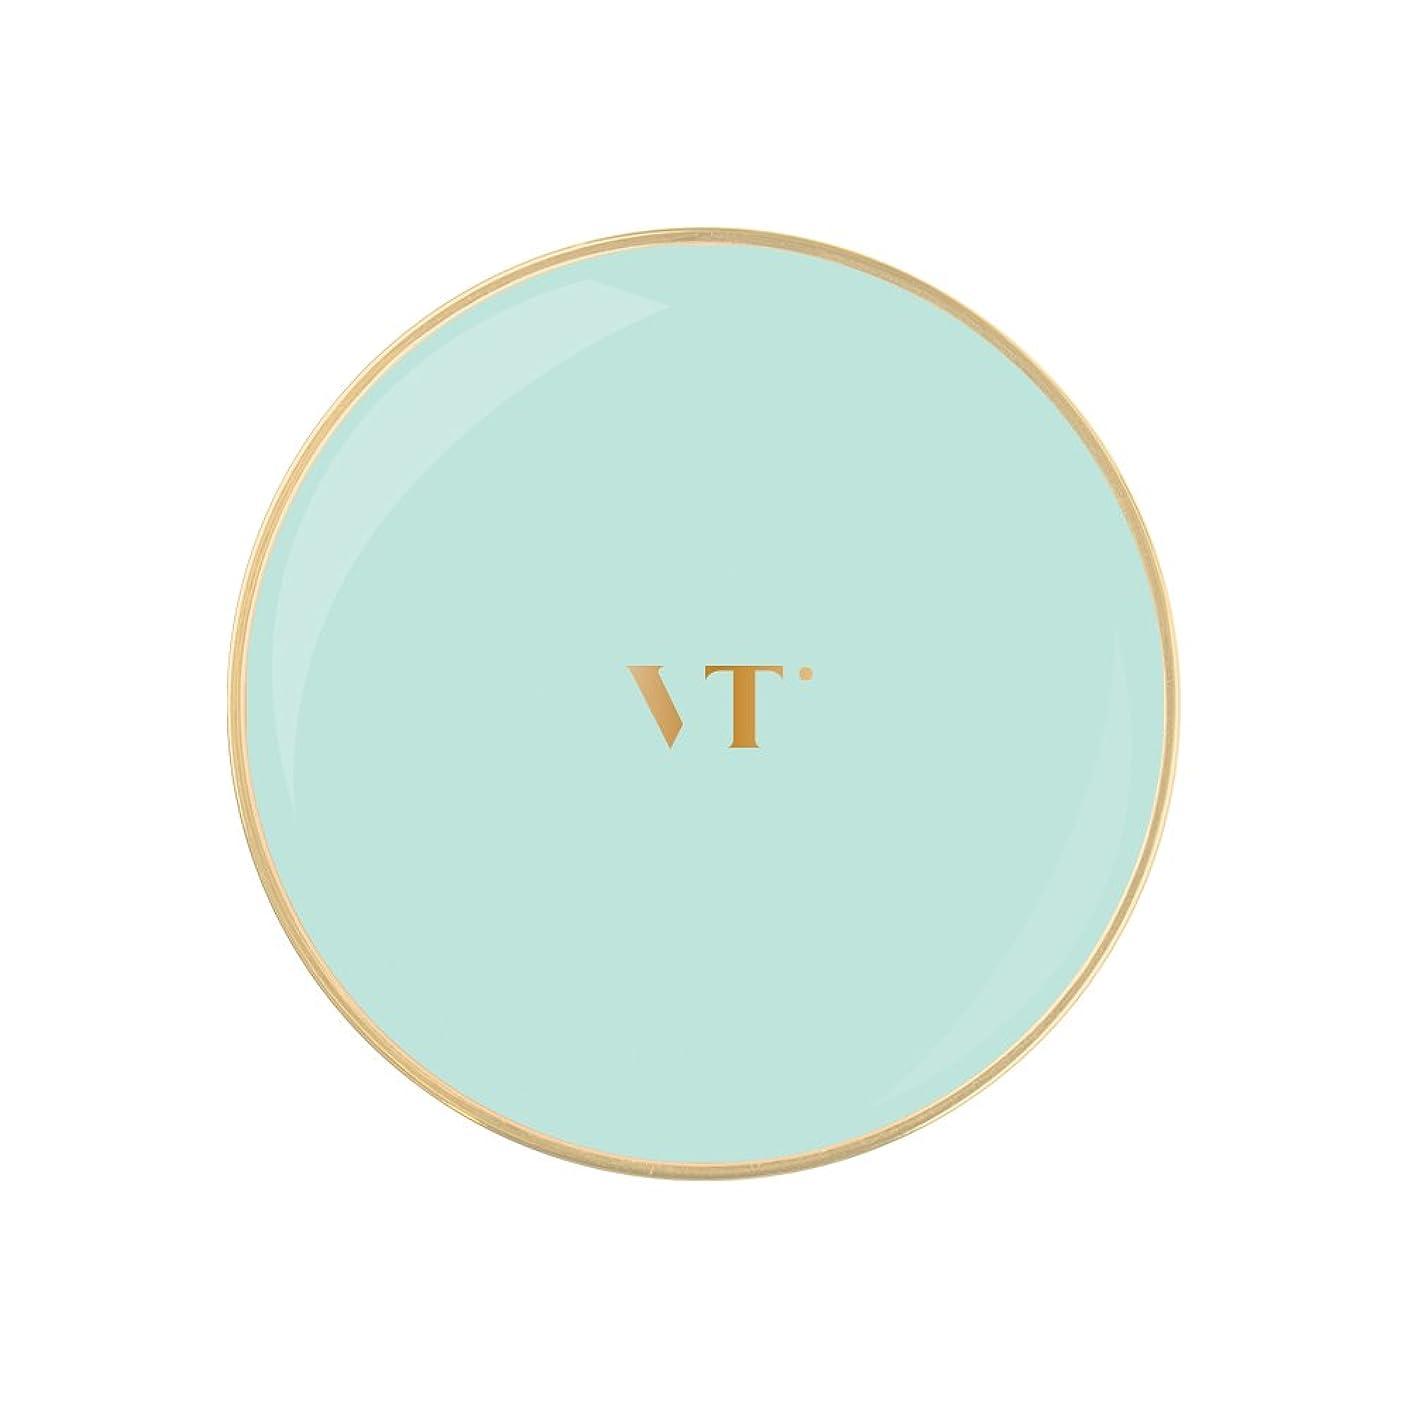 ブラウスさておき犠牲VT Blue Collagen Pact 11g/ブイティー ブルー コラーゲン パクト 11g (#21) [並行輸入品]